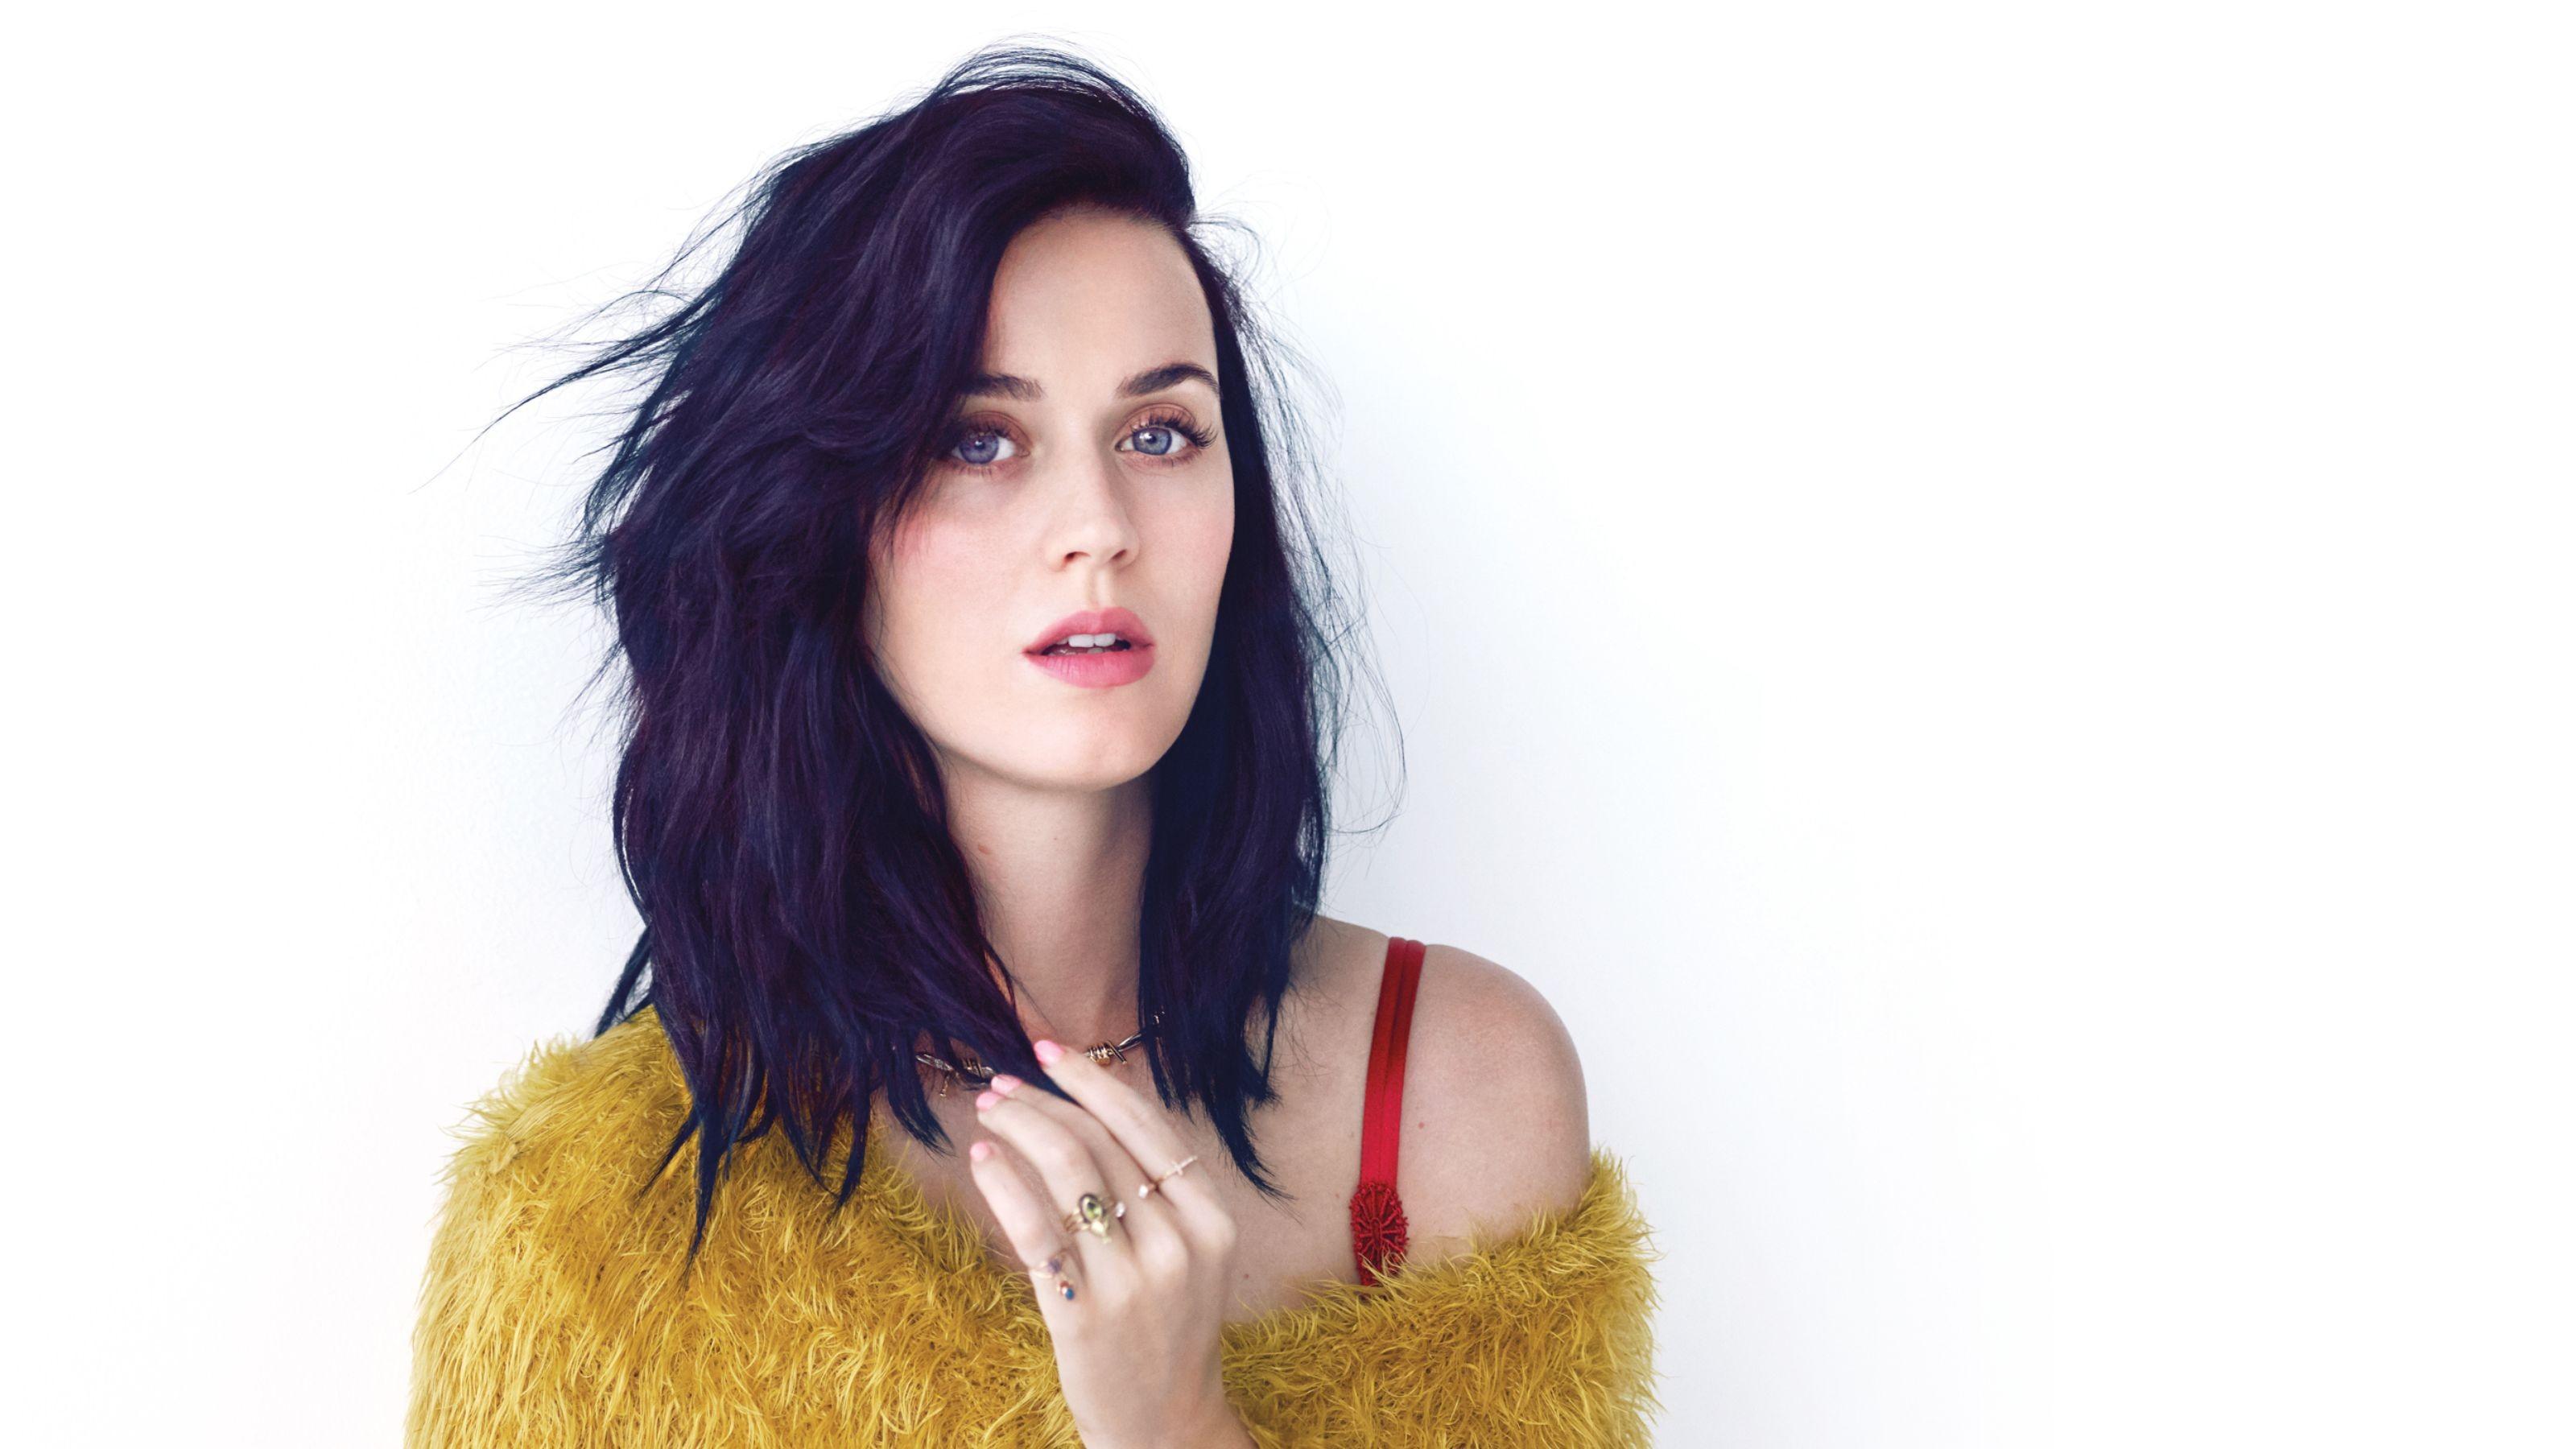 A cantora americana Katy Perry é uma das atrações do Rock in Rio e faz show em 27 de setembro (Foto: Divulgação)